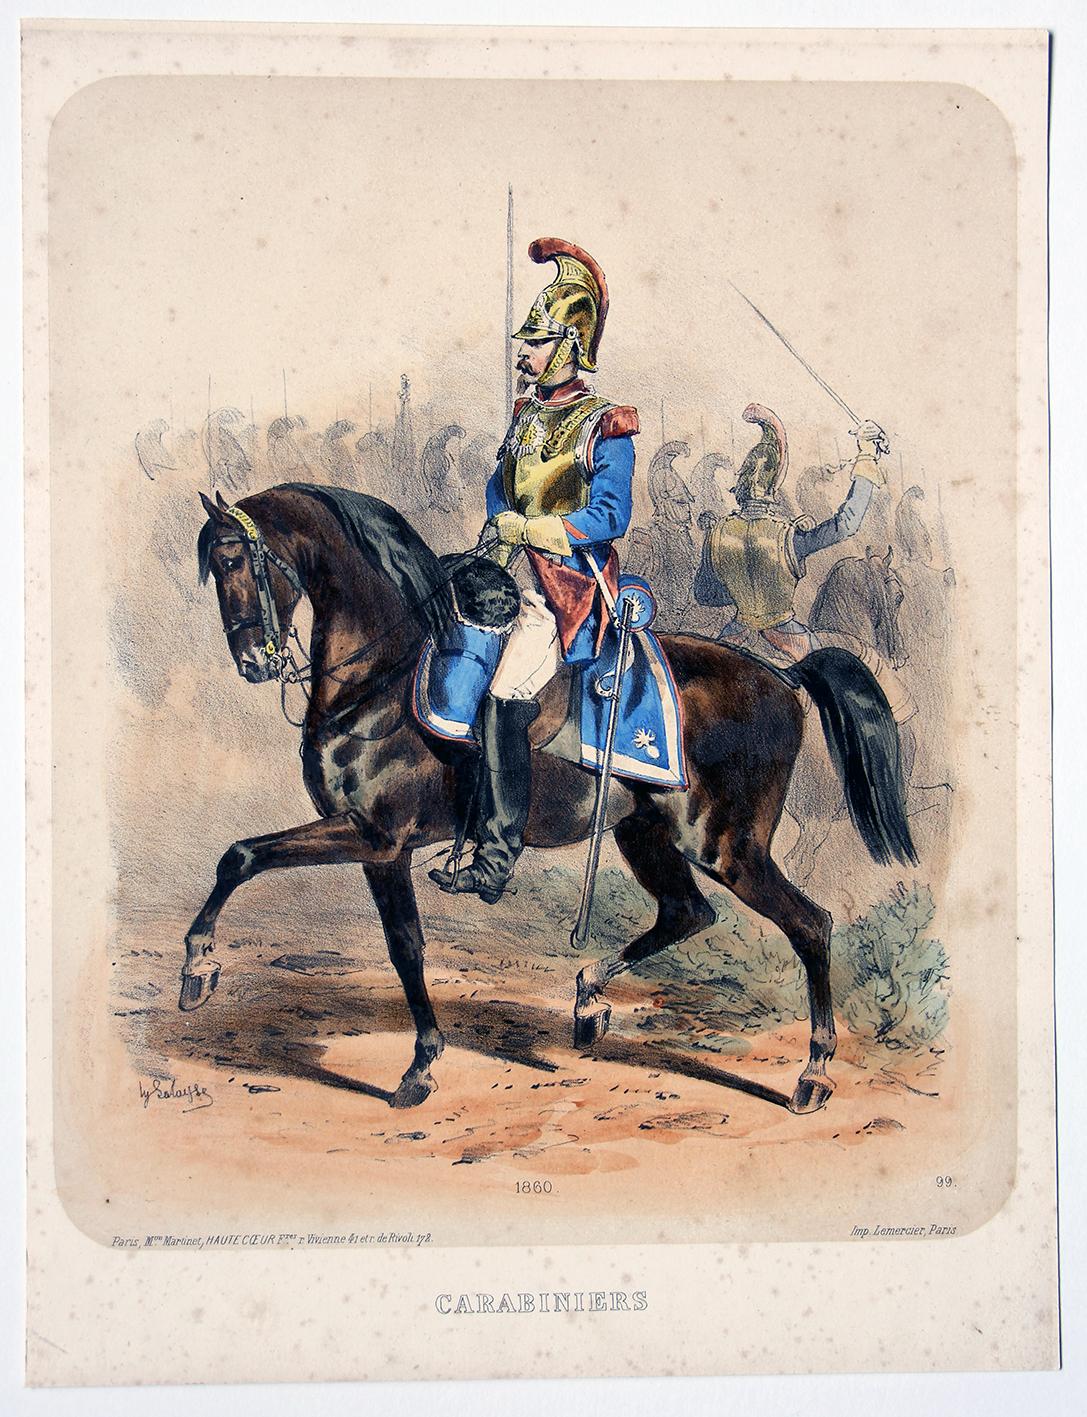 Uniforme Second Empire Carabinier - François Hippolyte Lalaisse (Copier)